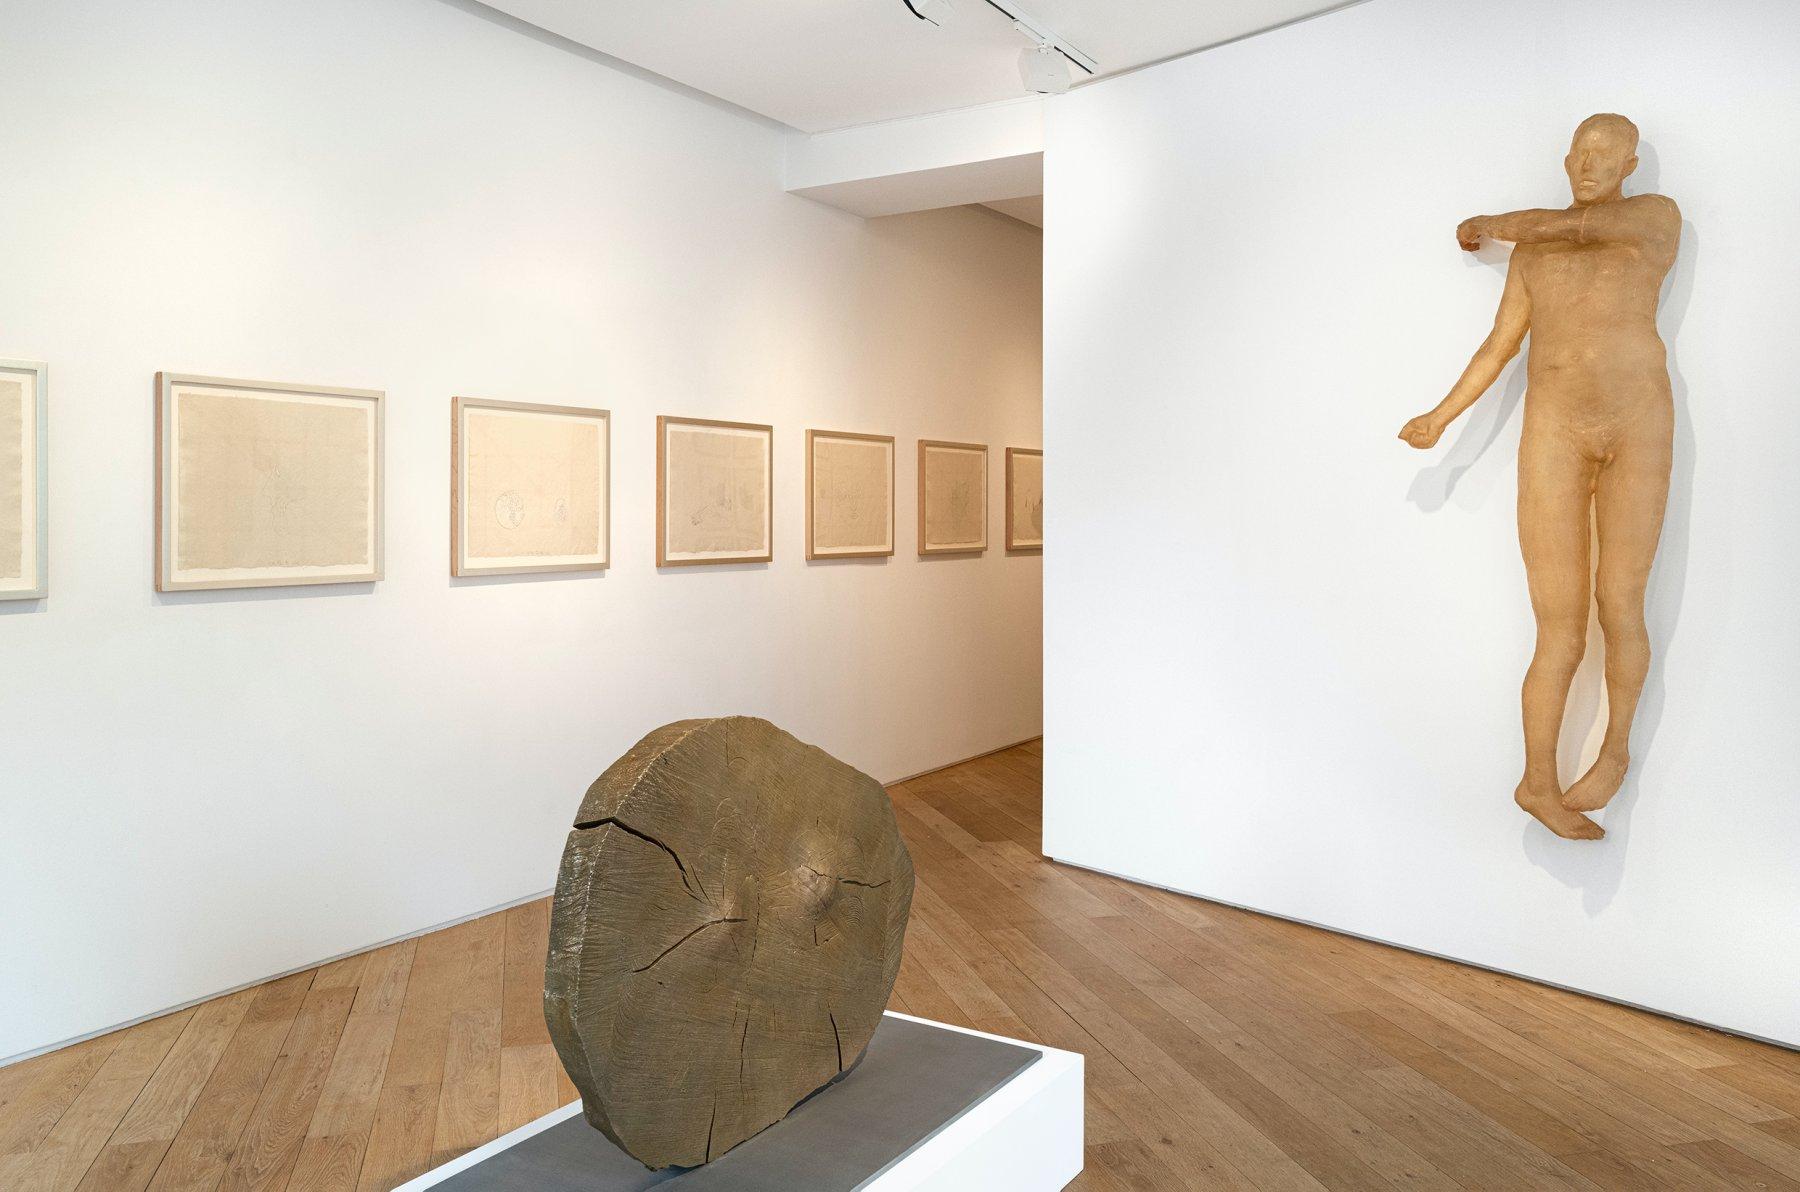 Galerie Lelong Co Matignon Kiki Smith 1